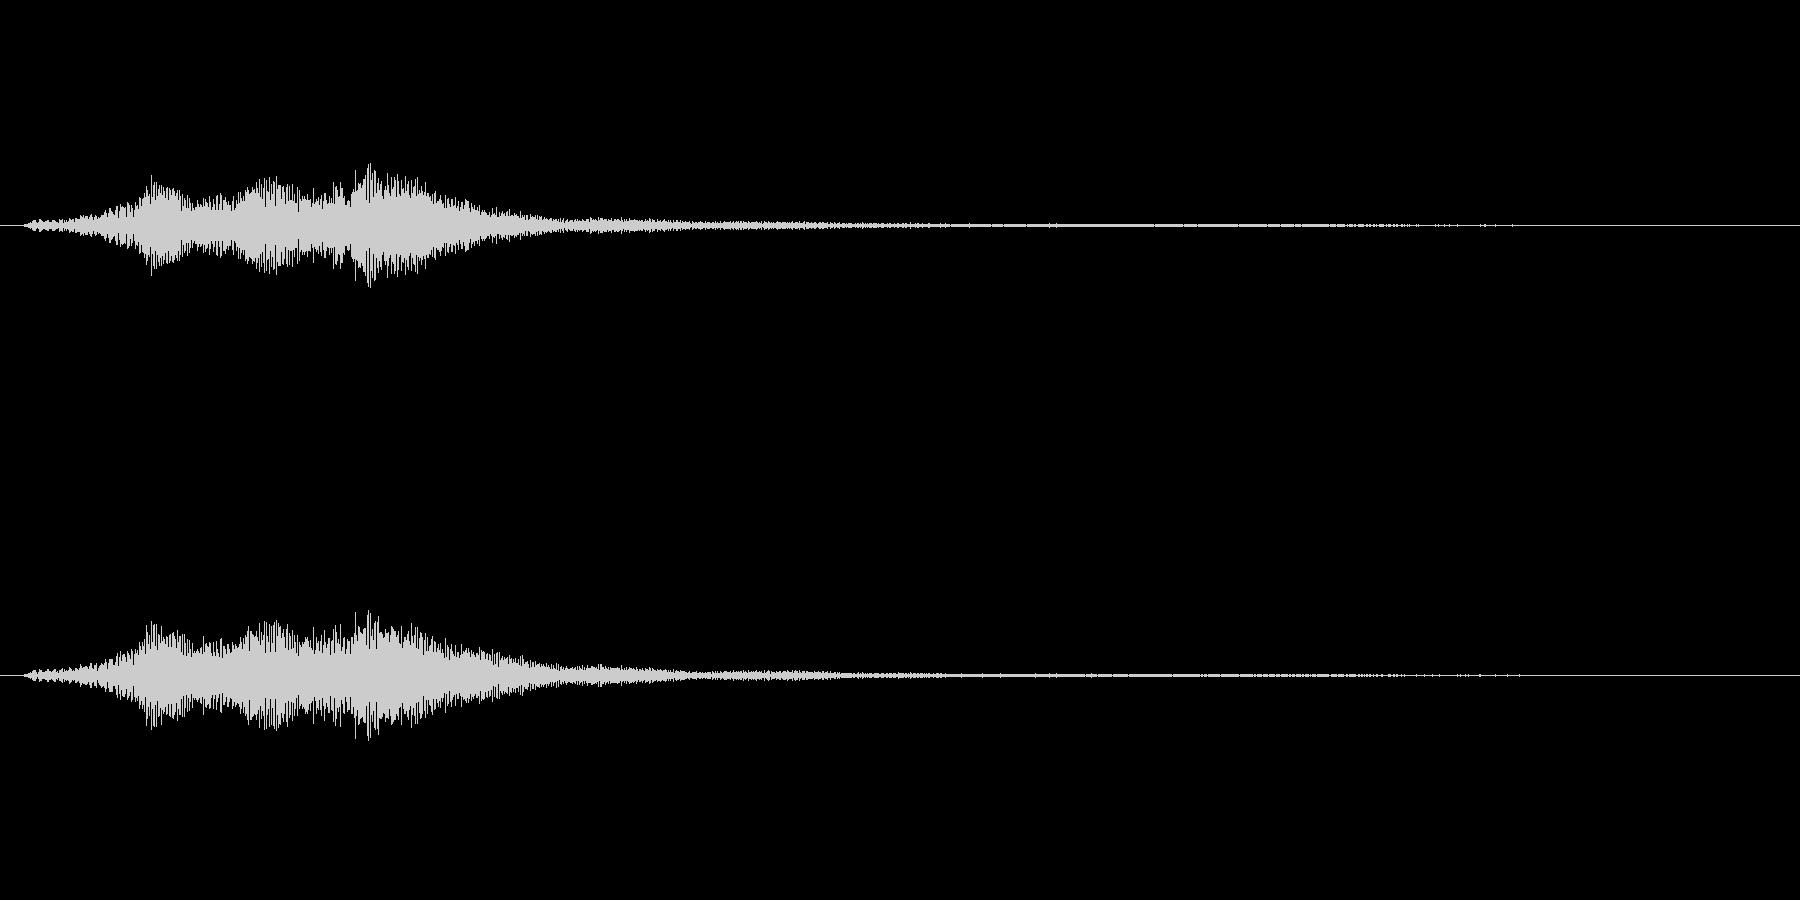 ハープグリッサンド上行3回~Cの未再生の波形